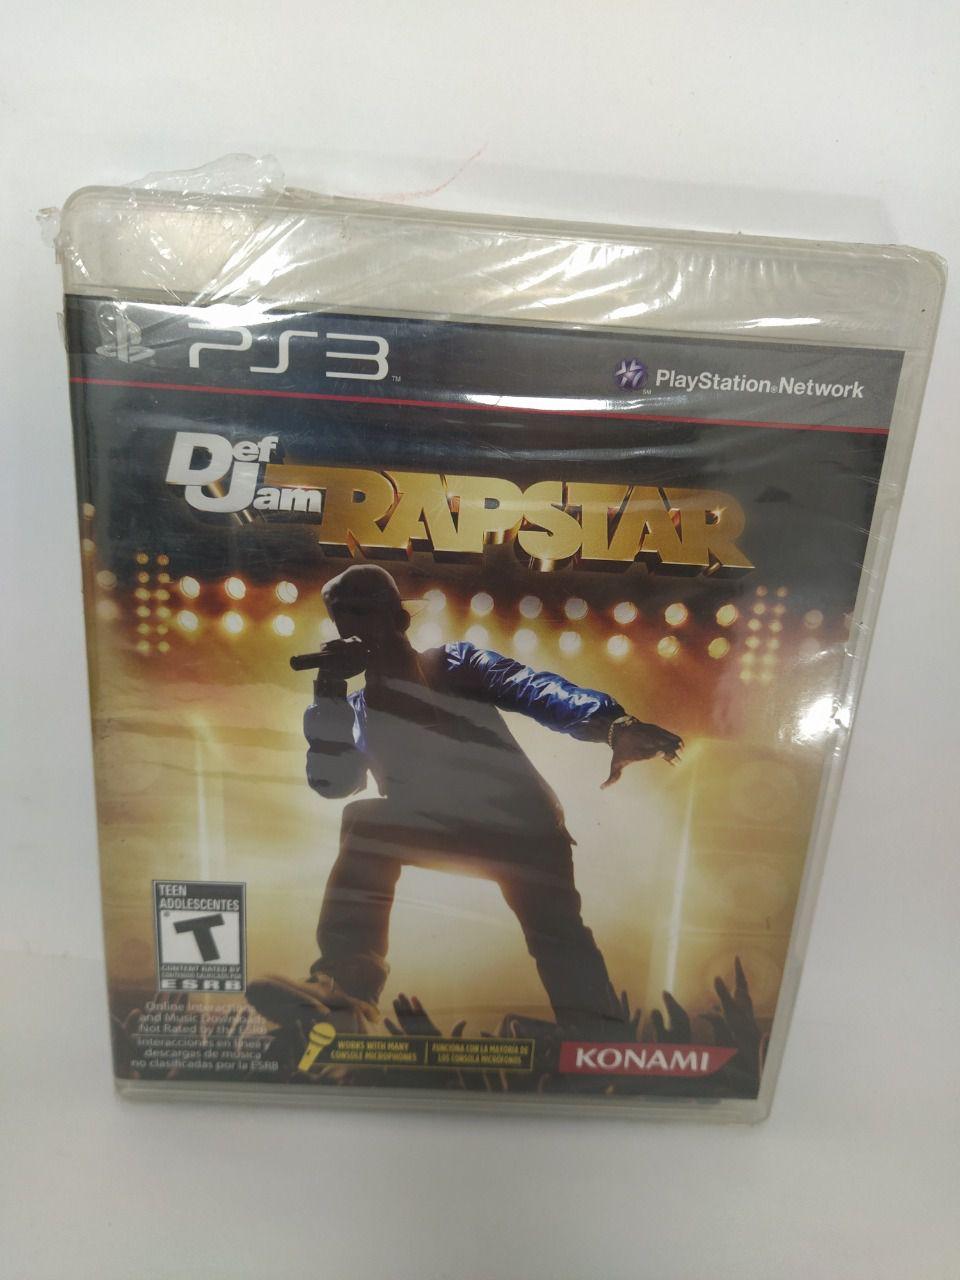 Jogo Ps3 Def Jam Rapstar Mídia Física Usado